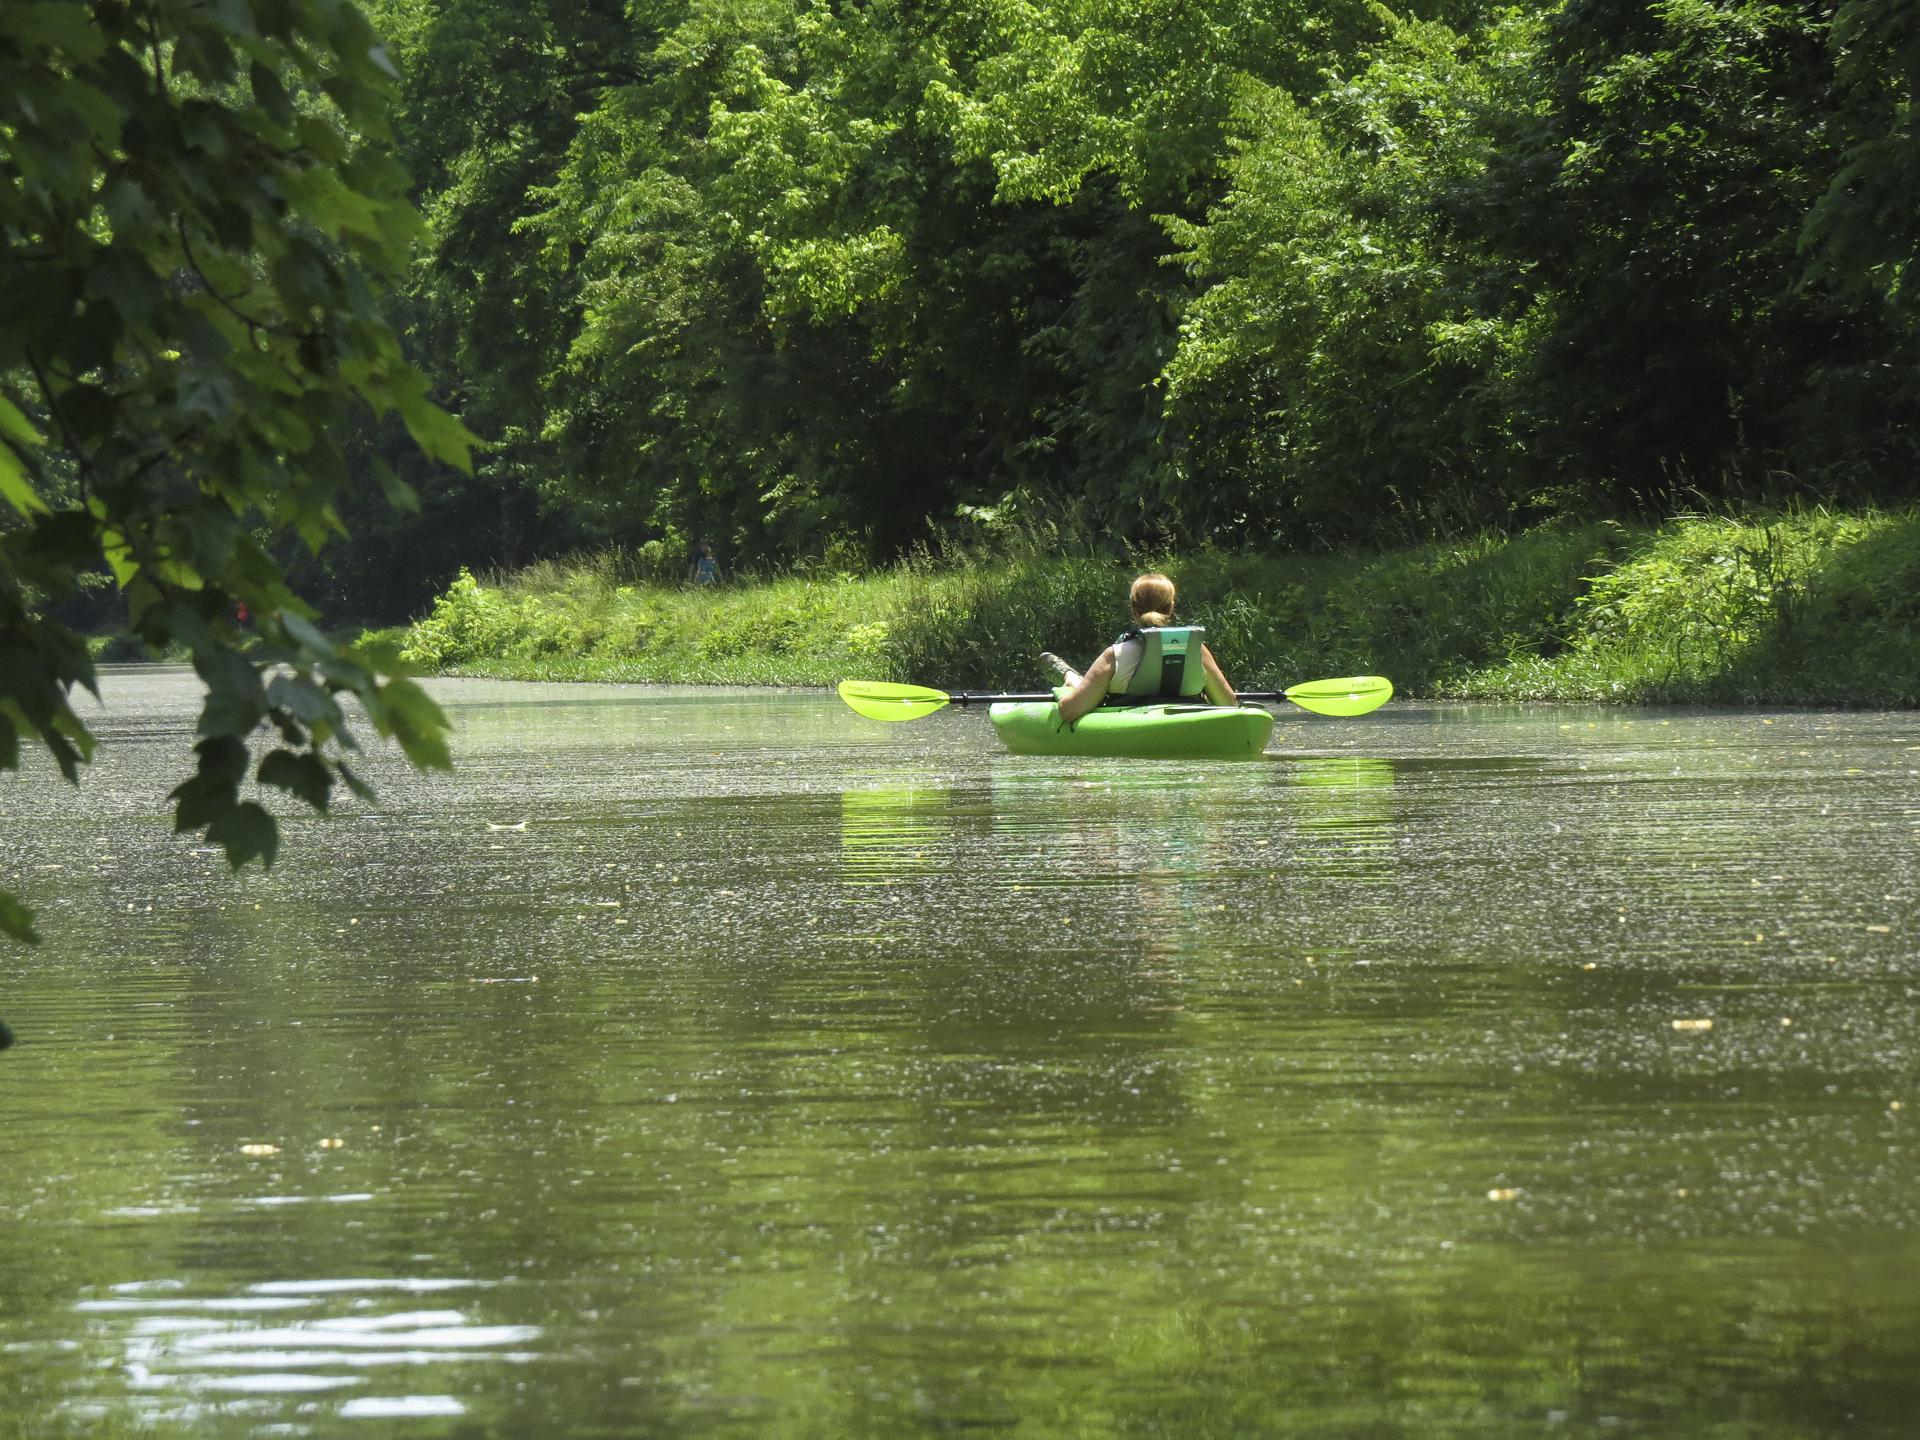 kayaking-potomac-river-maryland-water-nature-outdoors-kayaking